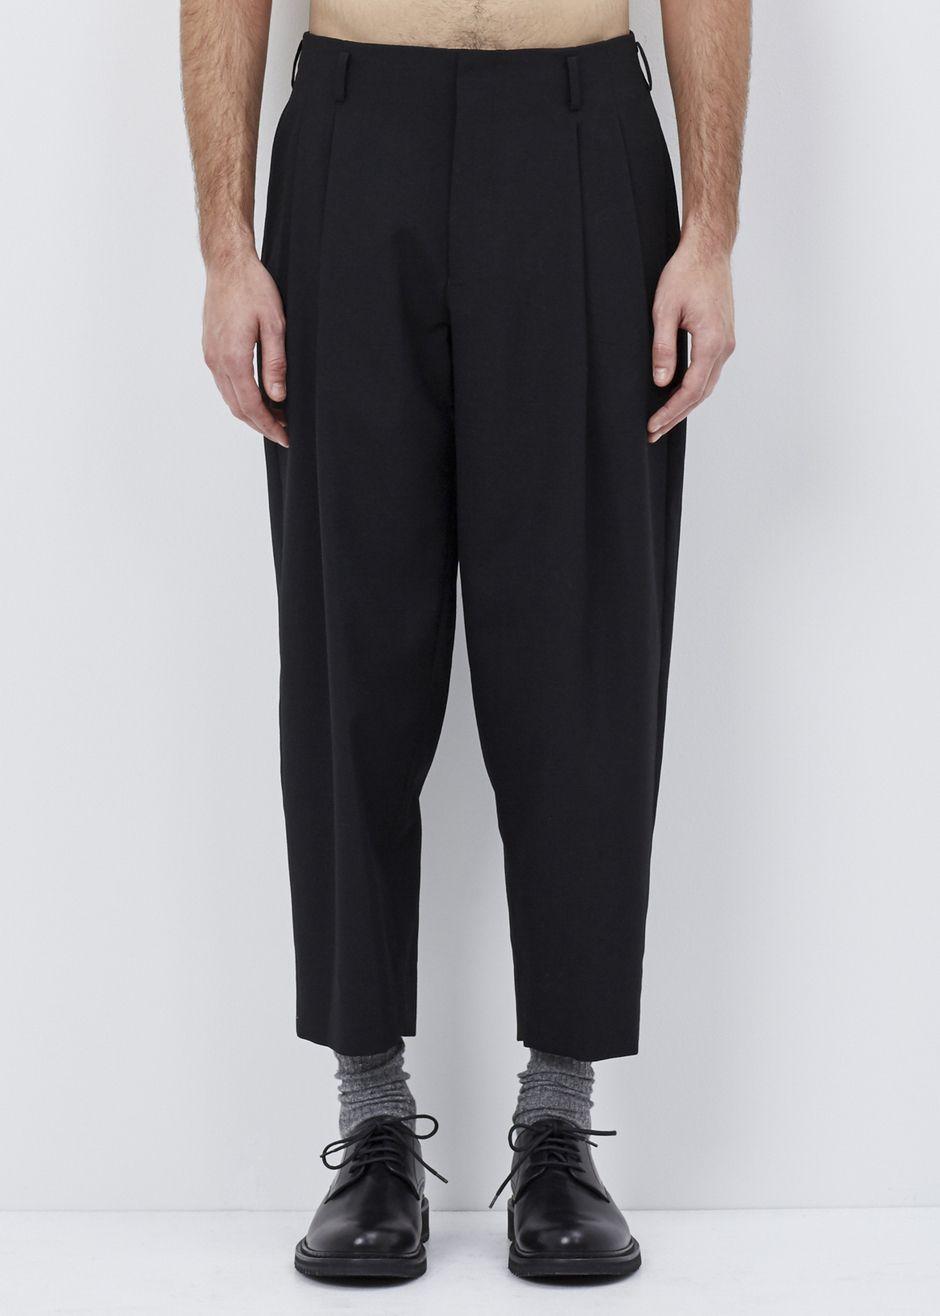 27de9252060dab Comme des Garcons Homme Plus Pleated Trouser (Black)